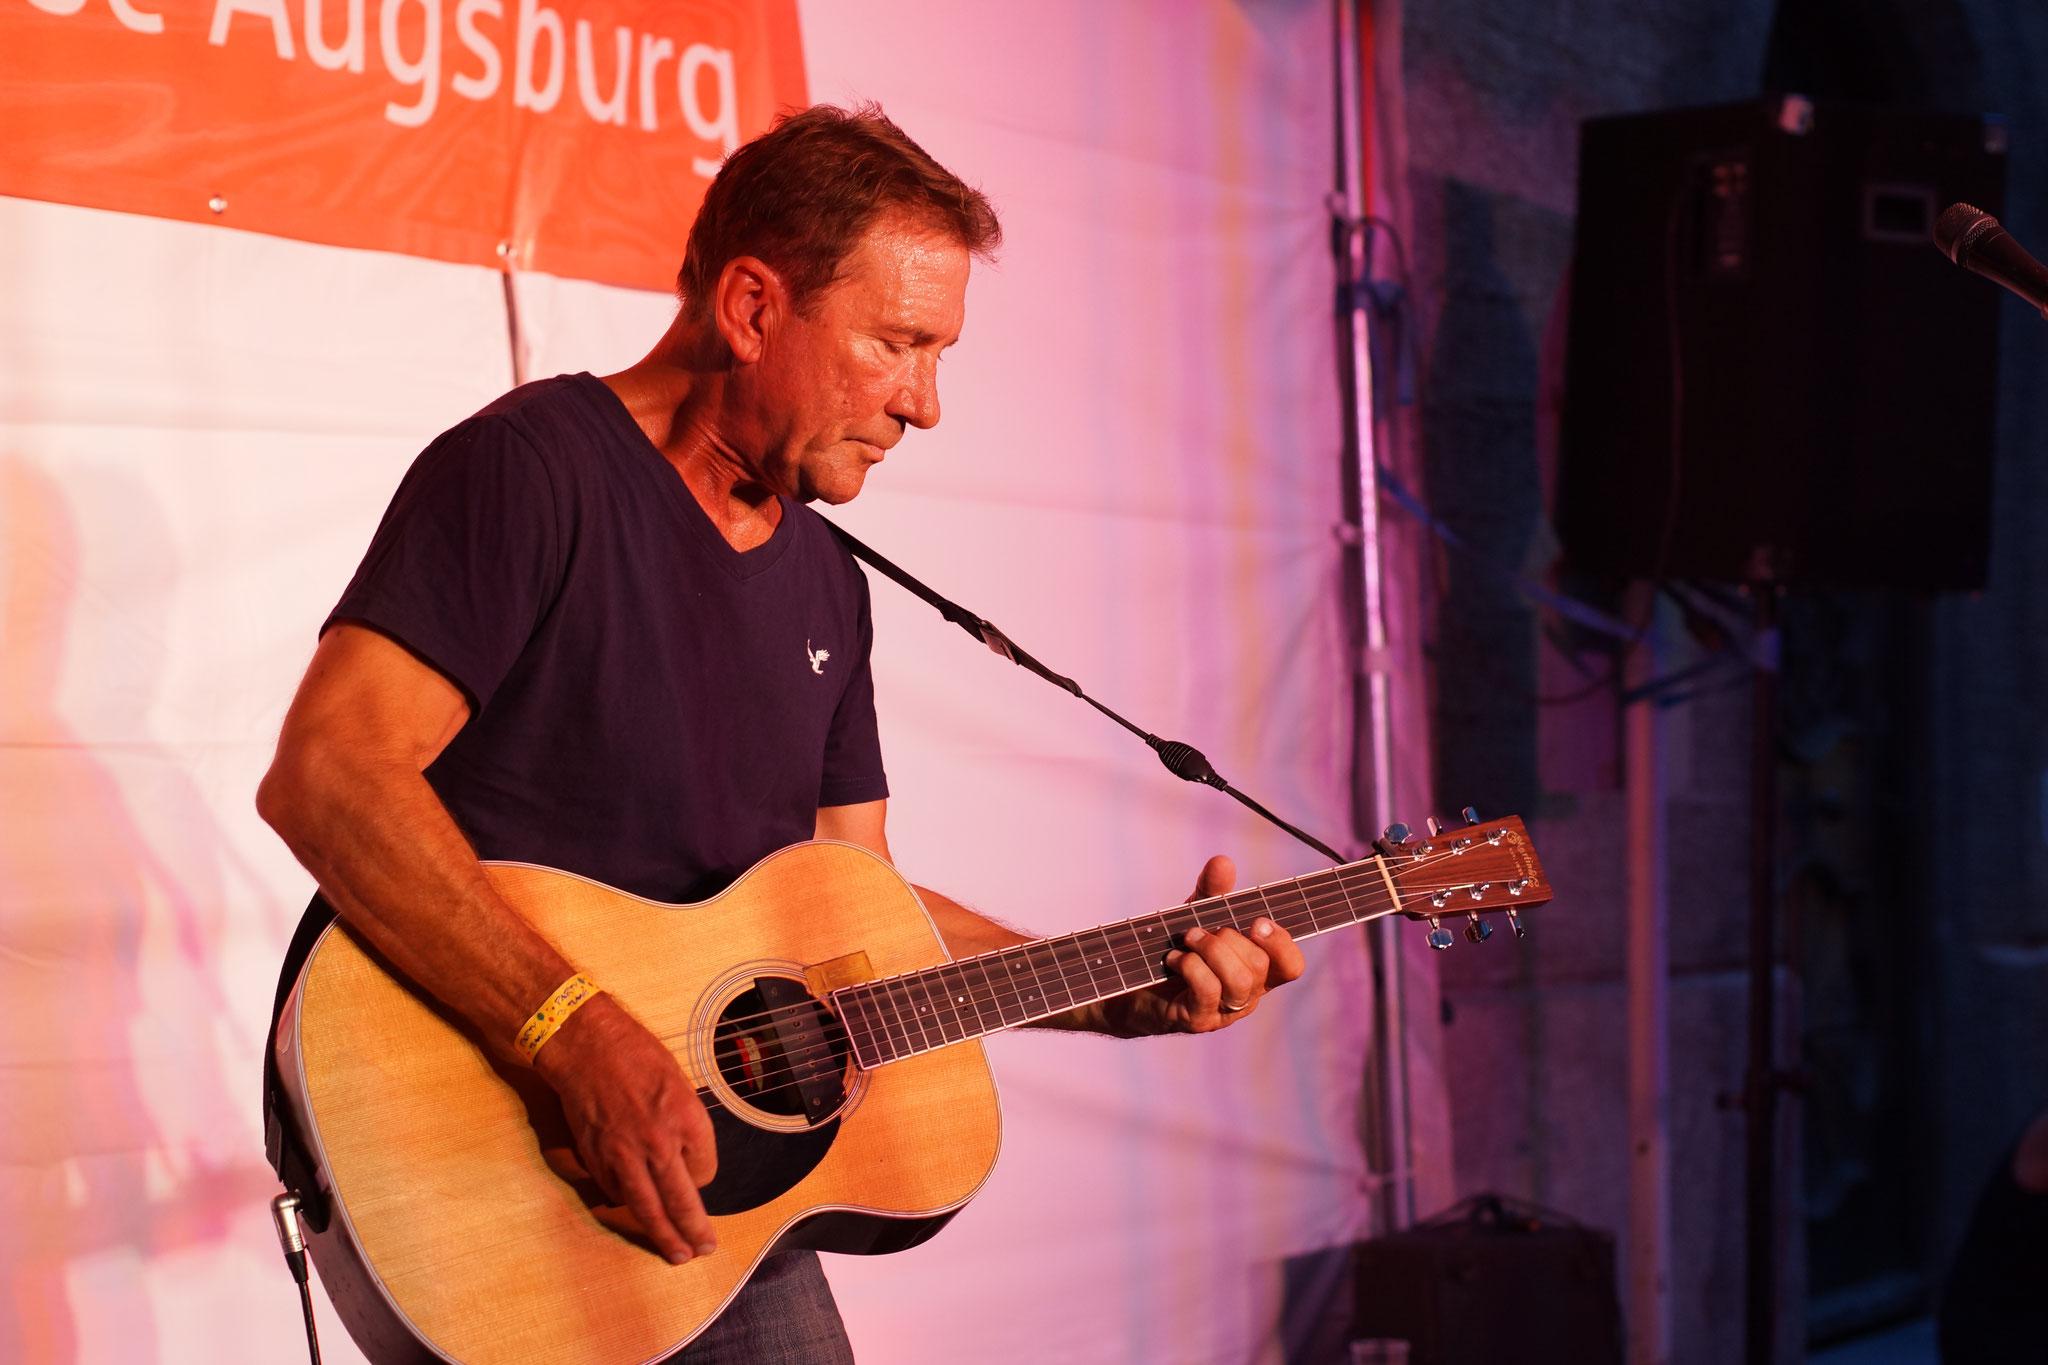 Konzerte im Bürgerhof 06.07.17 Byron - Freiwilligen-Zentrum Augsburg - Foto: Crayfish